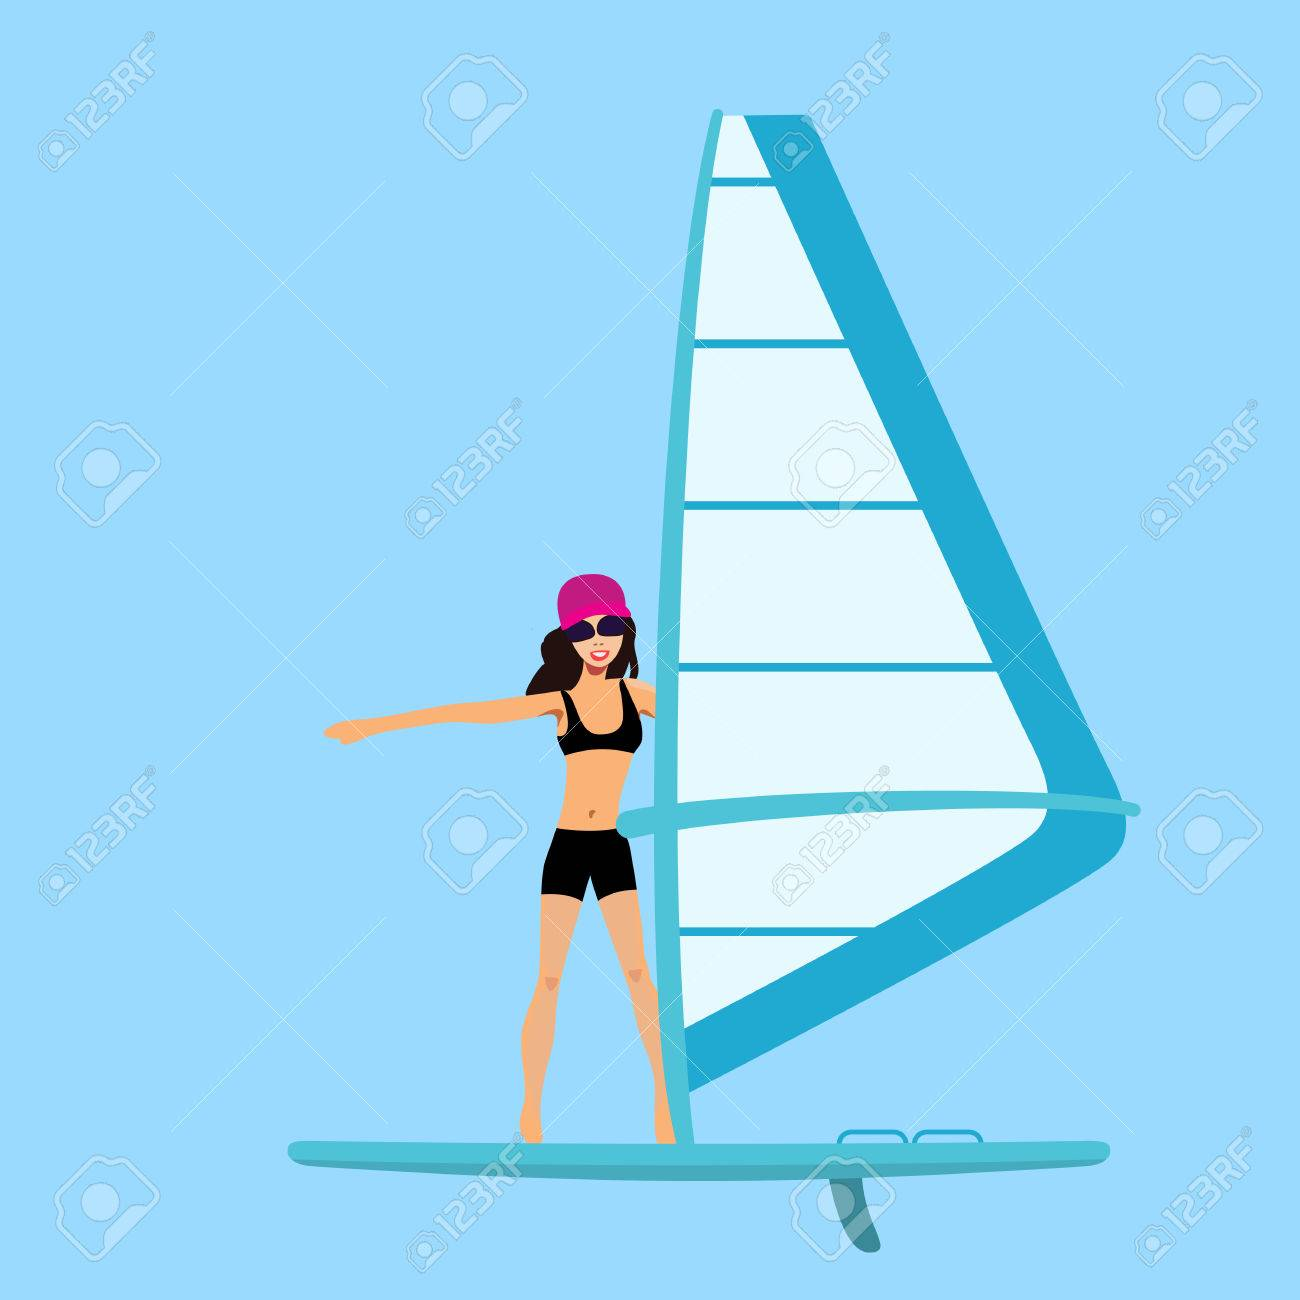 Illustration Vecteur Femme Windsurfing Cartoon Fille Flotte Sur Une Planche A Voile Clip Art Libres De Droits Vecteurs Et Illustration Image 58291073